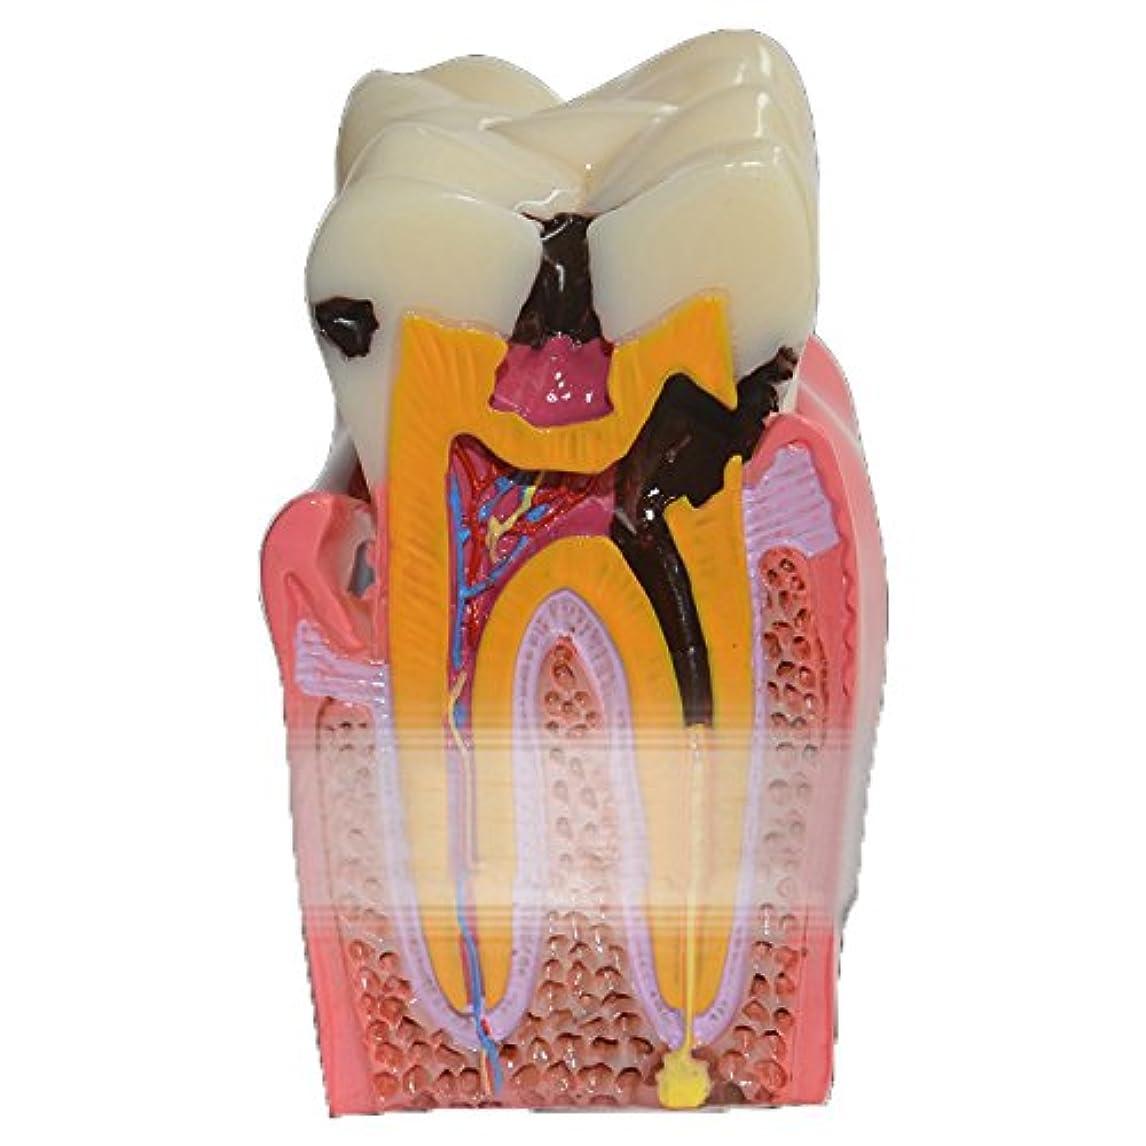 電子レンジ抹消適性GoDen大人と小児歯模型 解剖学的歯模型 教学用模型